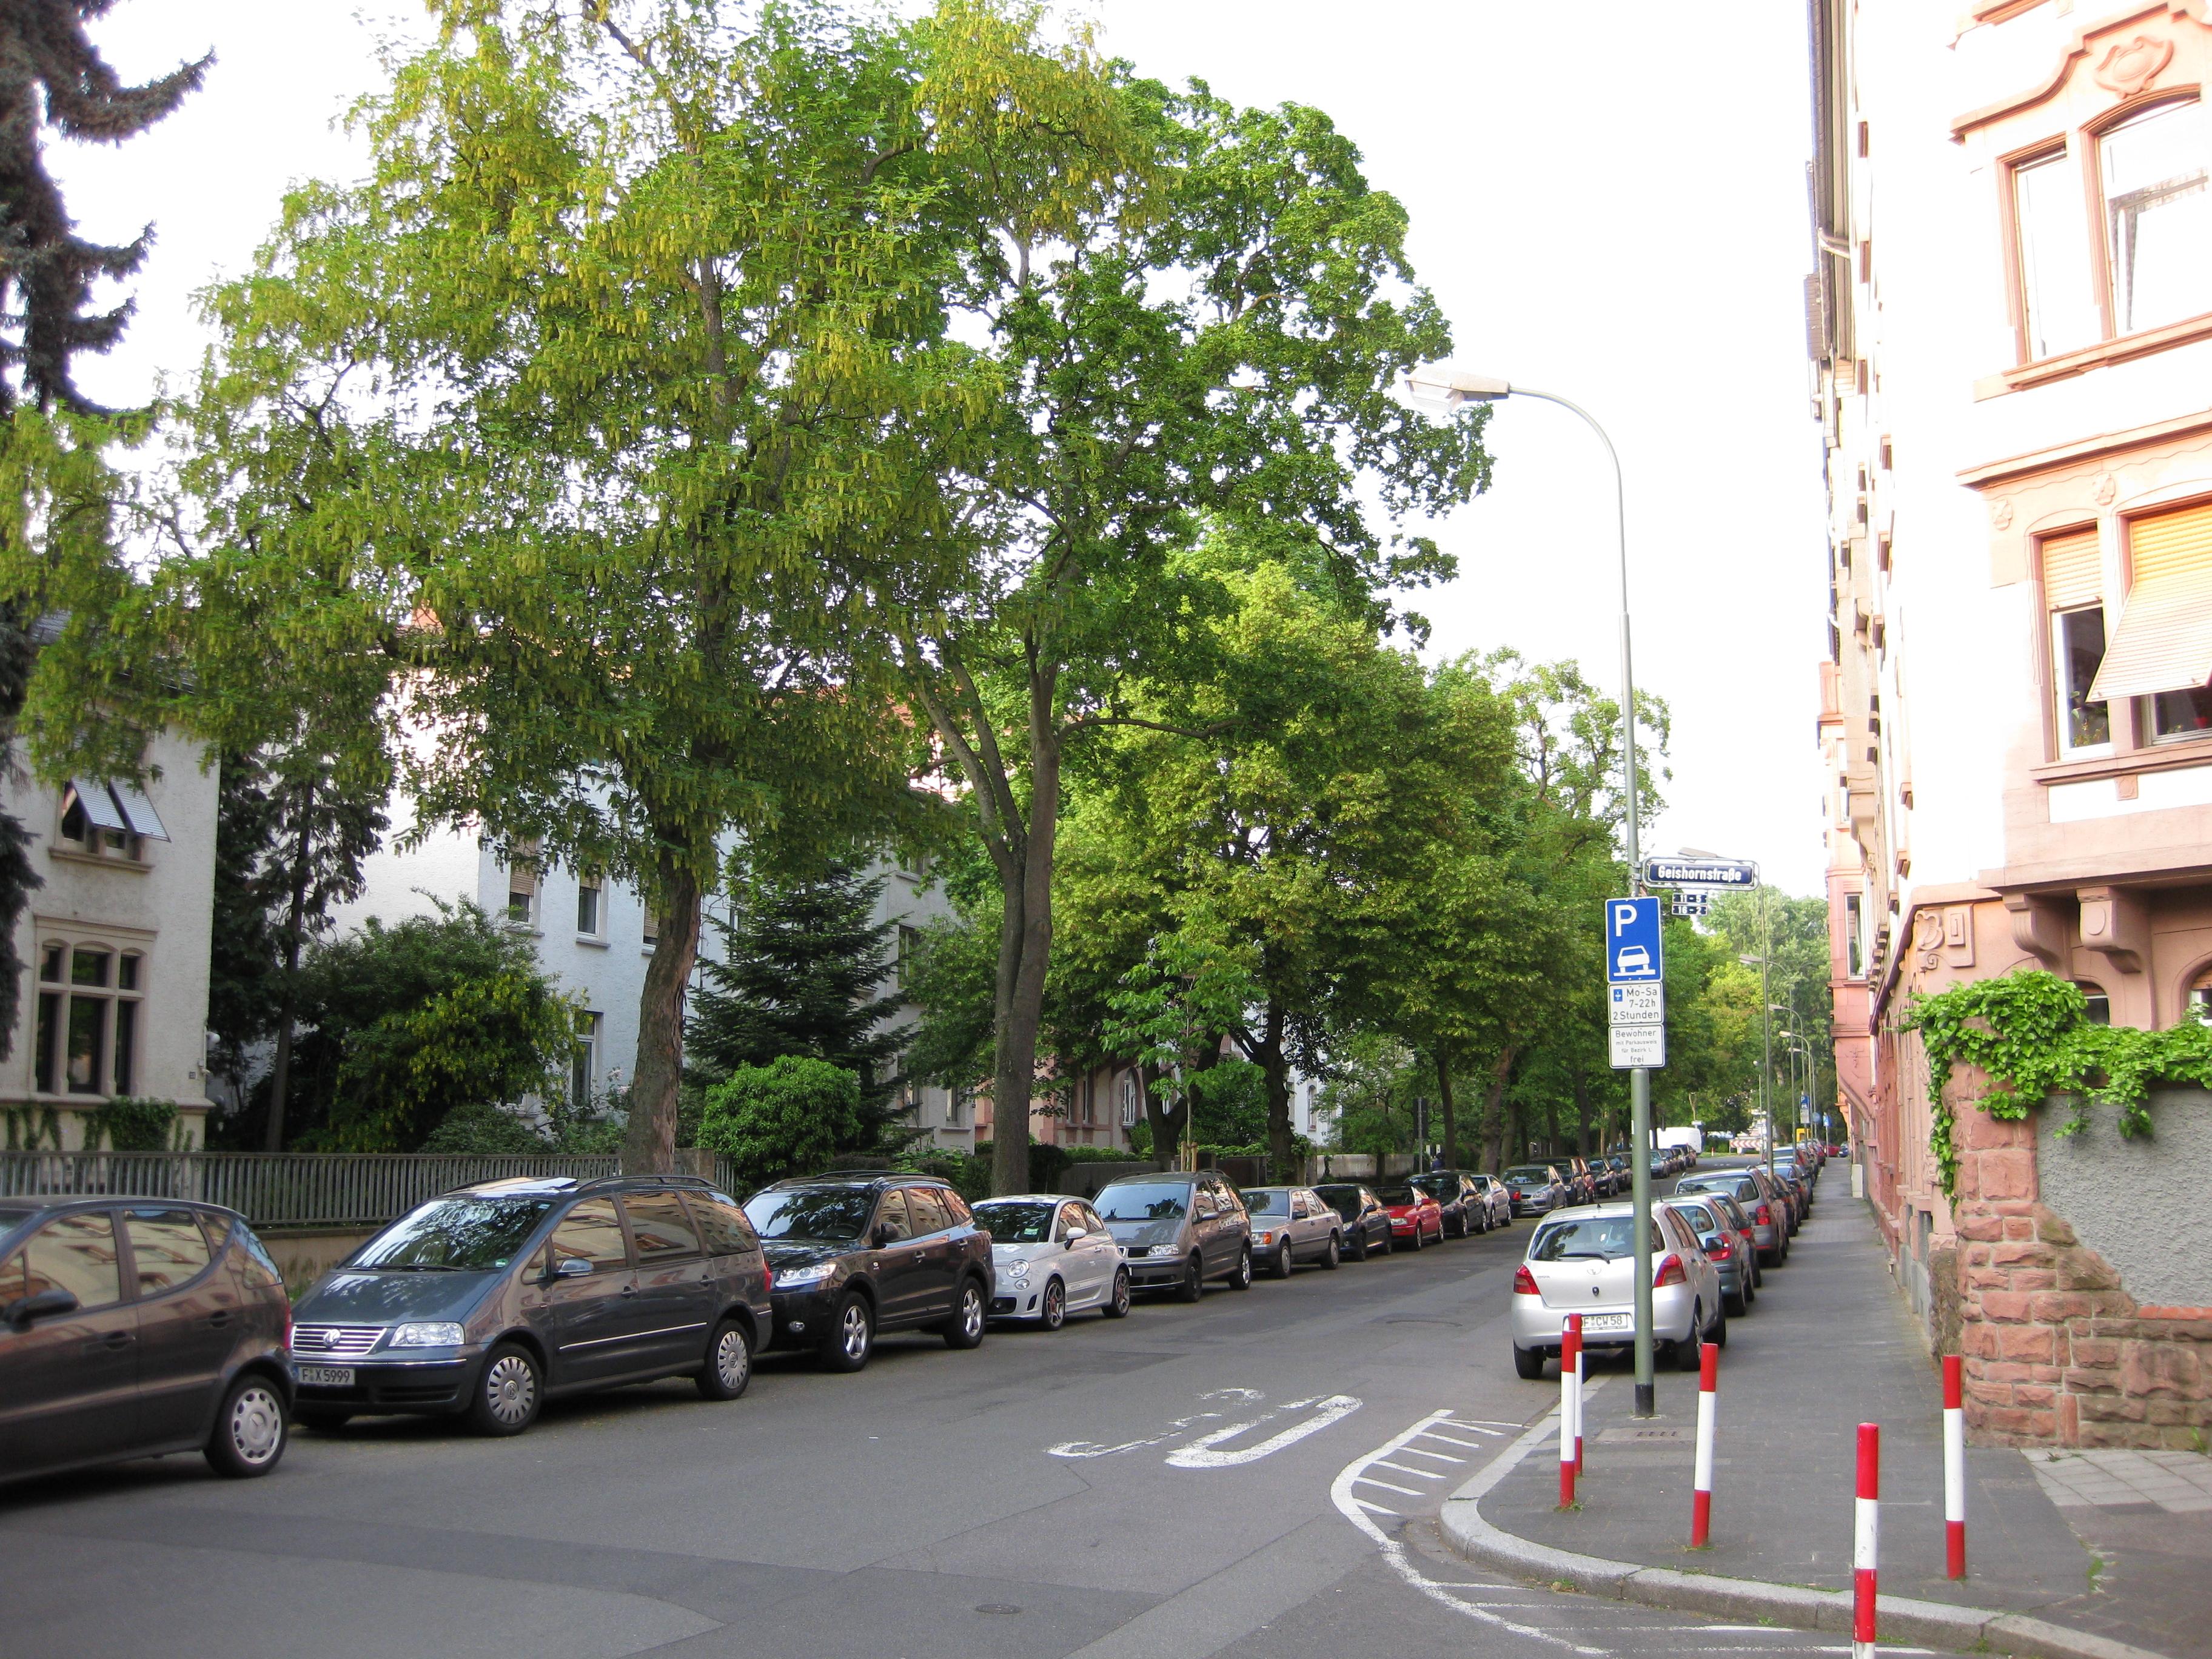 Buchrainweg